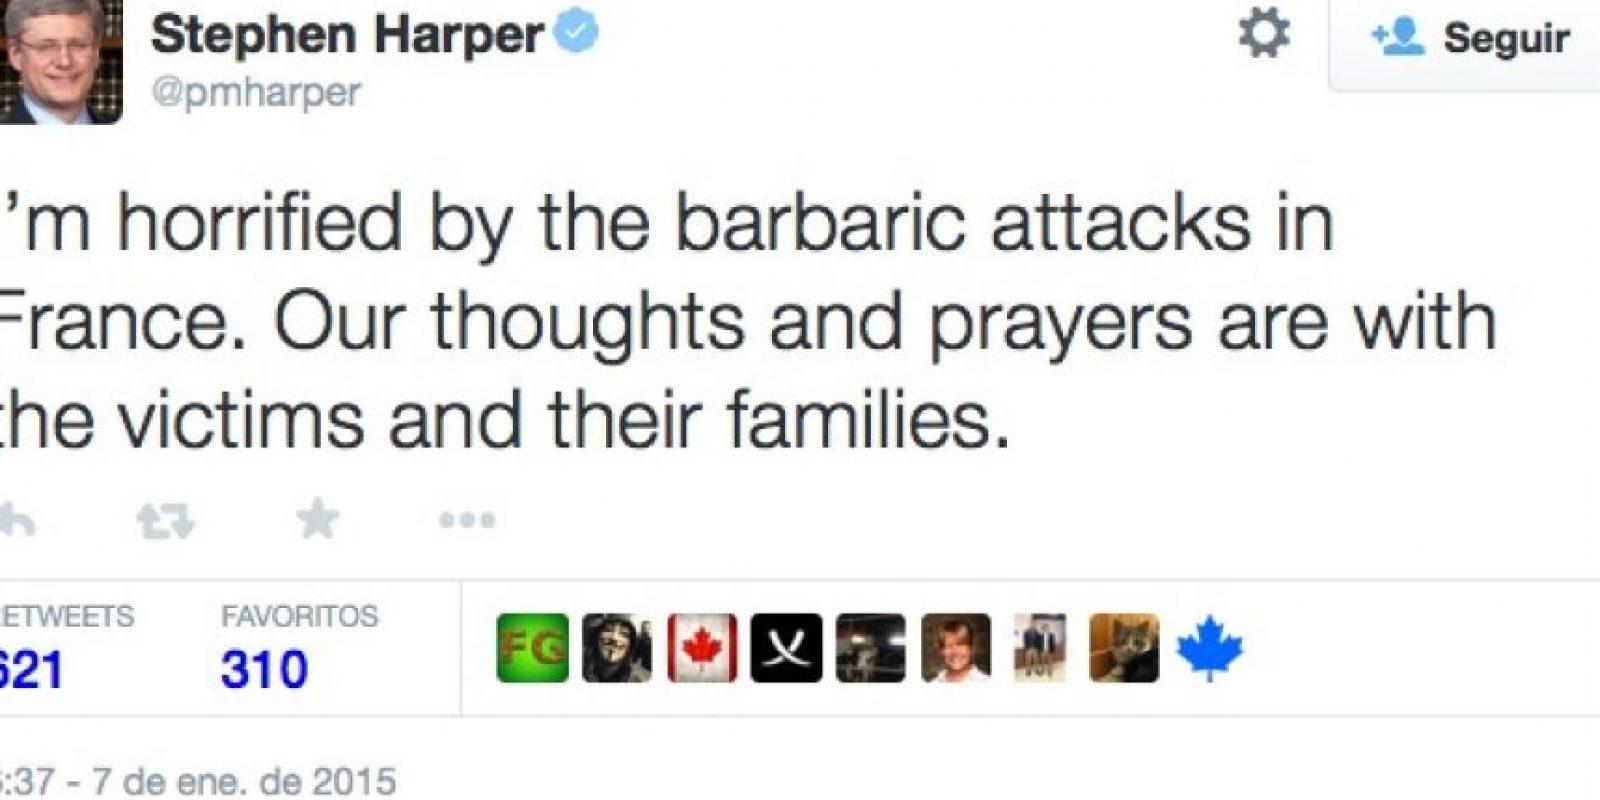 """Stephen Harper, Primer Ministro de Canadá: """"Estoy horrorizado por los barbáricos ataques en Francia. Nuestras oraciones están con las víctimas y sus familias"""". Foto:Twitter"""